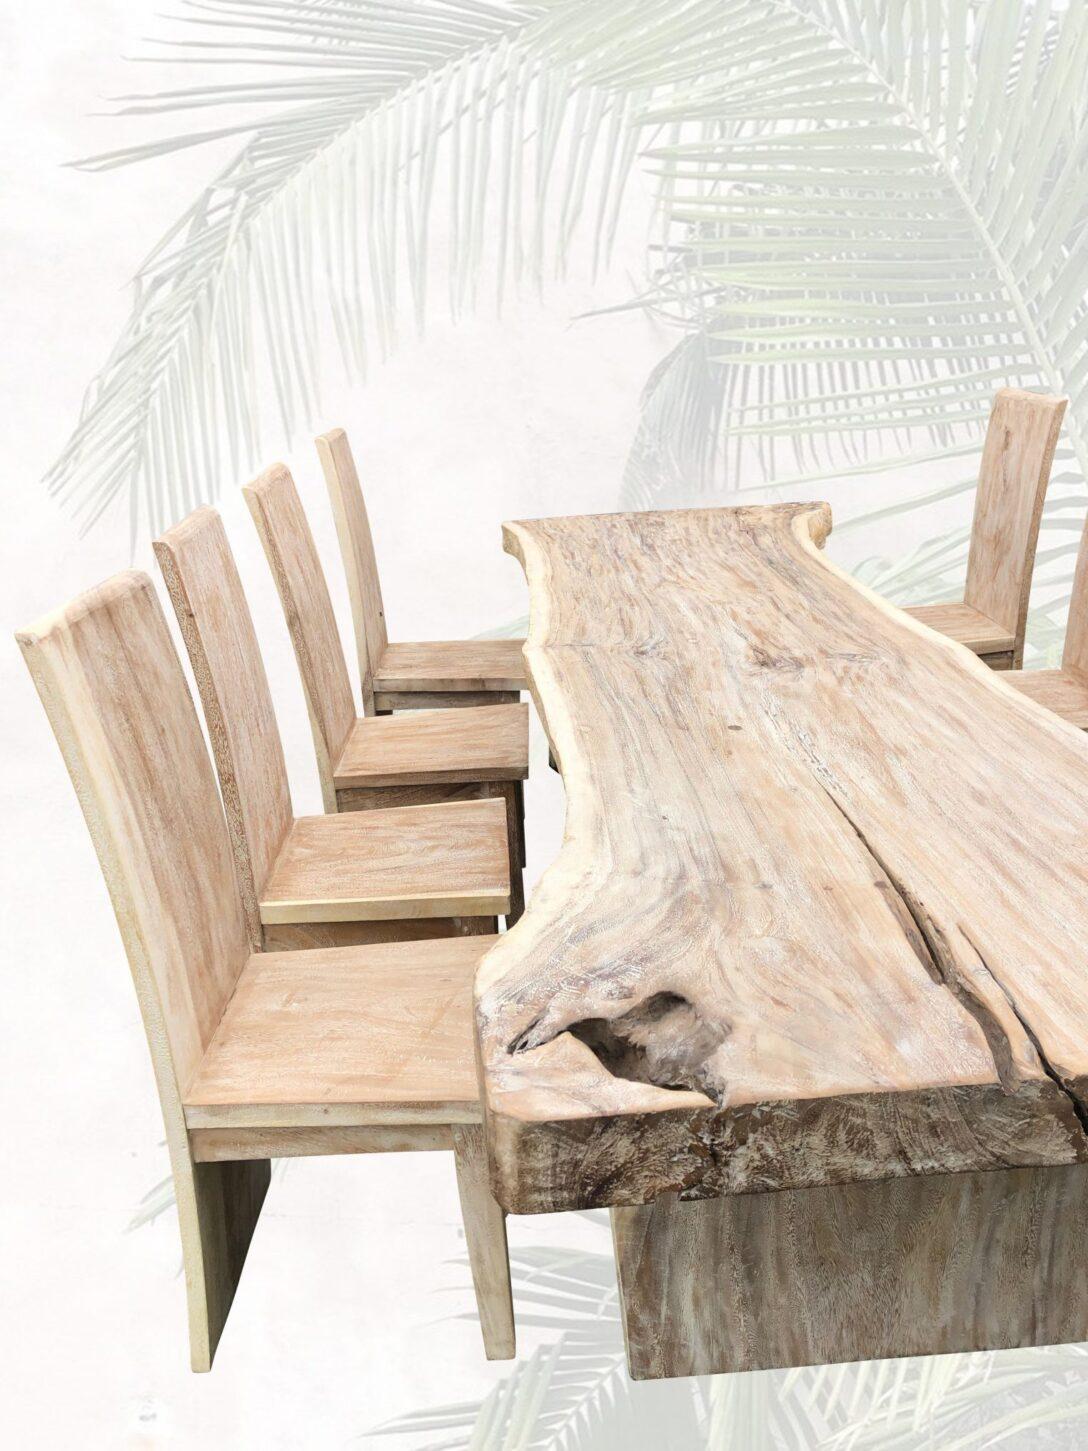 Large Size of Groer Esstisch Massivholz Mit 8 Sthlen Dari Asia Antike Stühle Eiche Industrial Rund Stühlen Glas Ausziehbar Runder Rustikaler Esstische Shabby Chic Holz Esstische Großer Esstisch